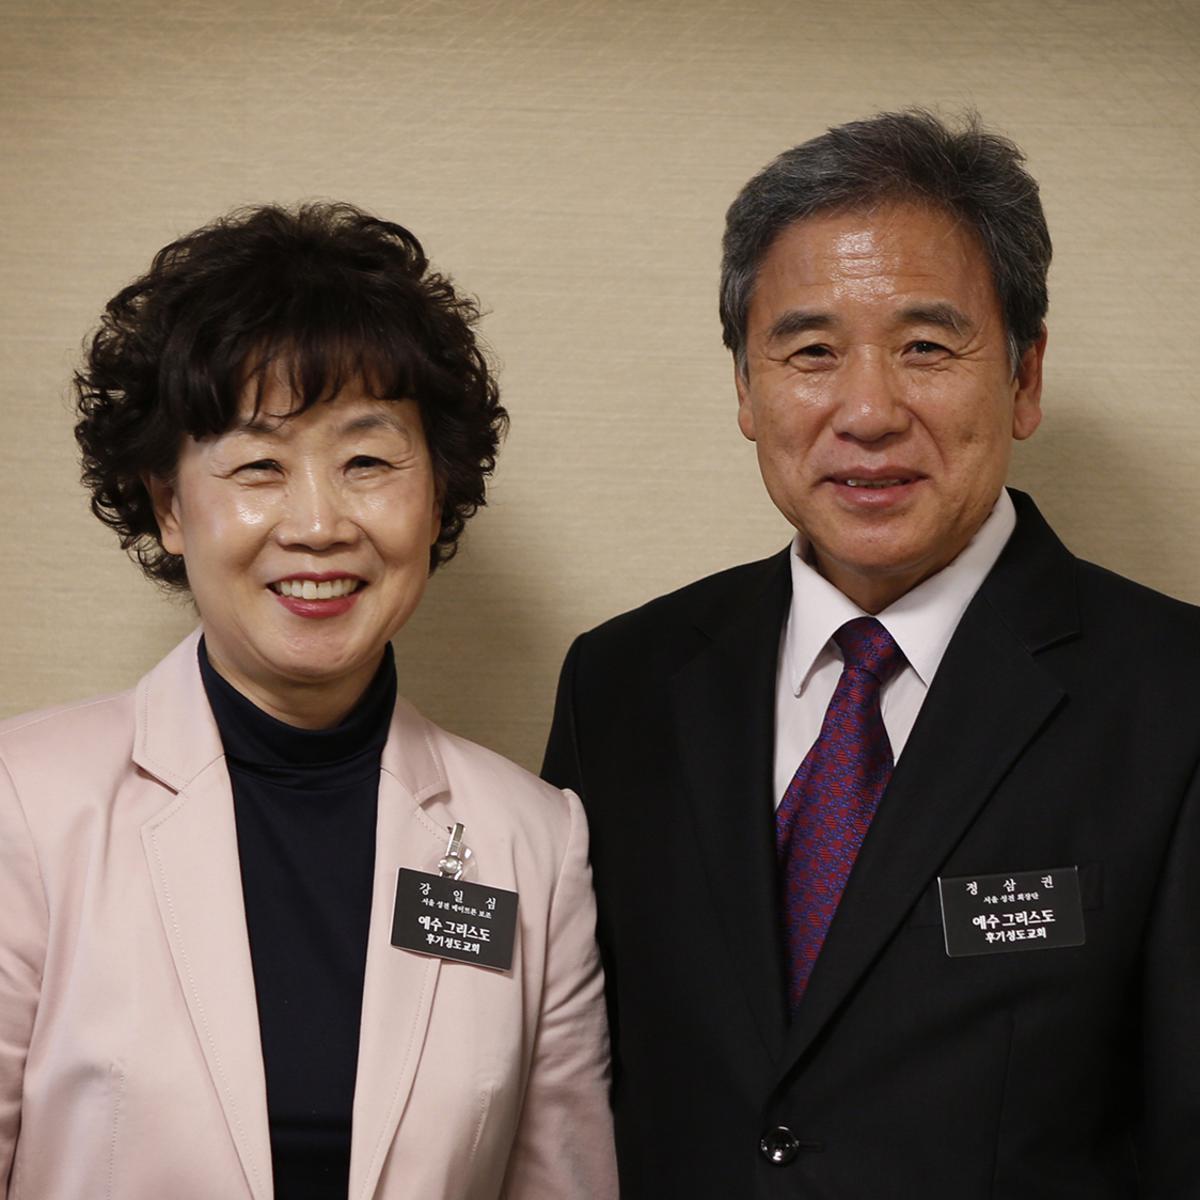 서울 성전 회장단 제2보좌